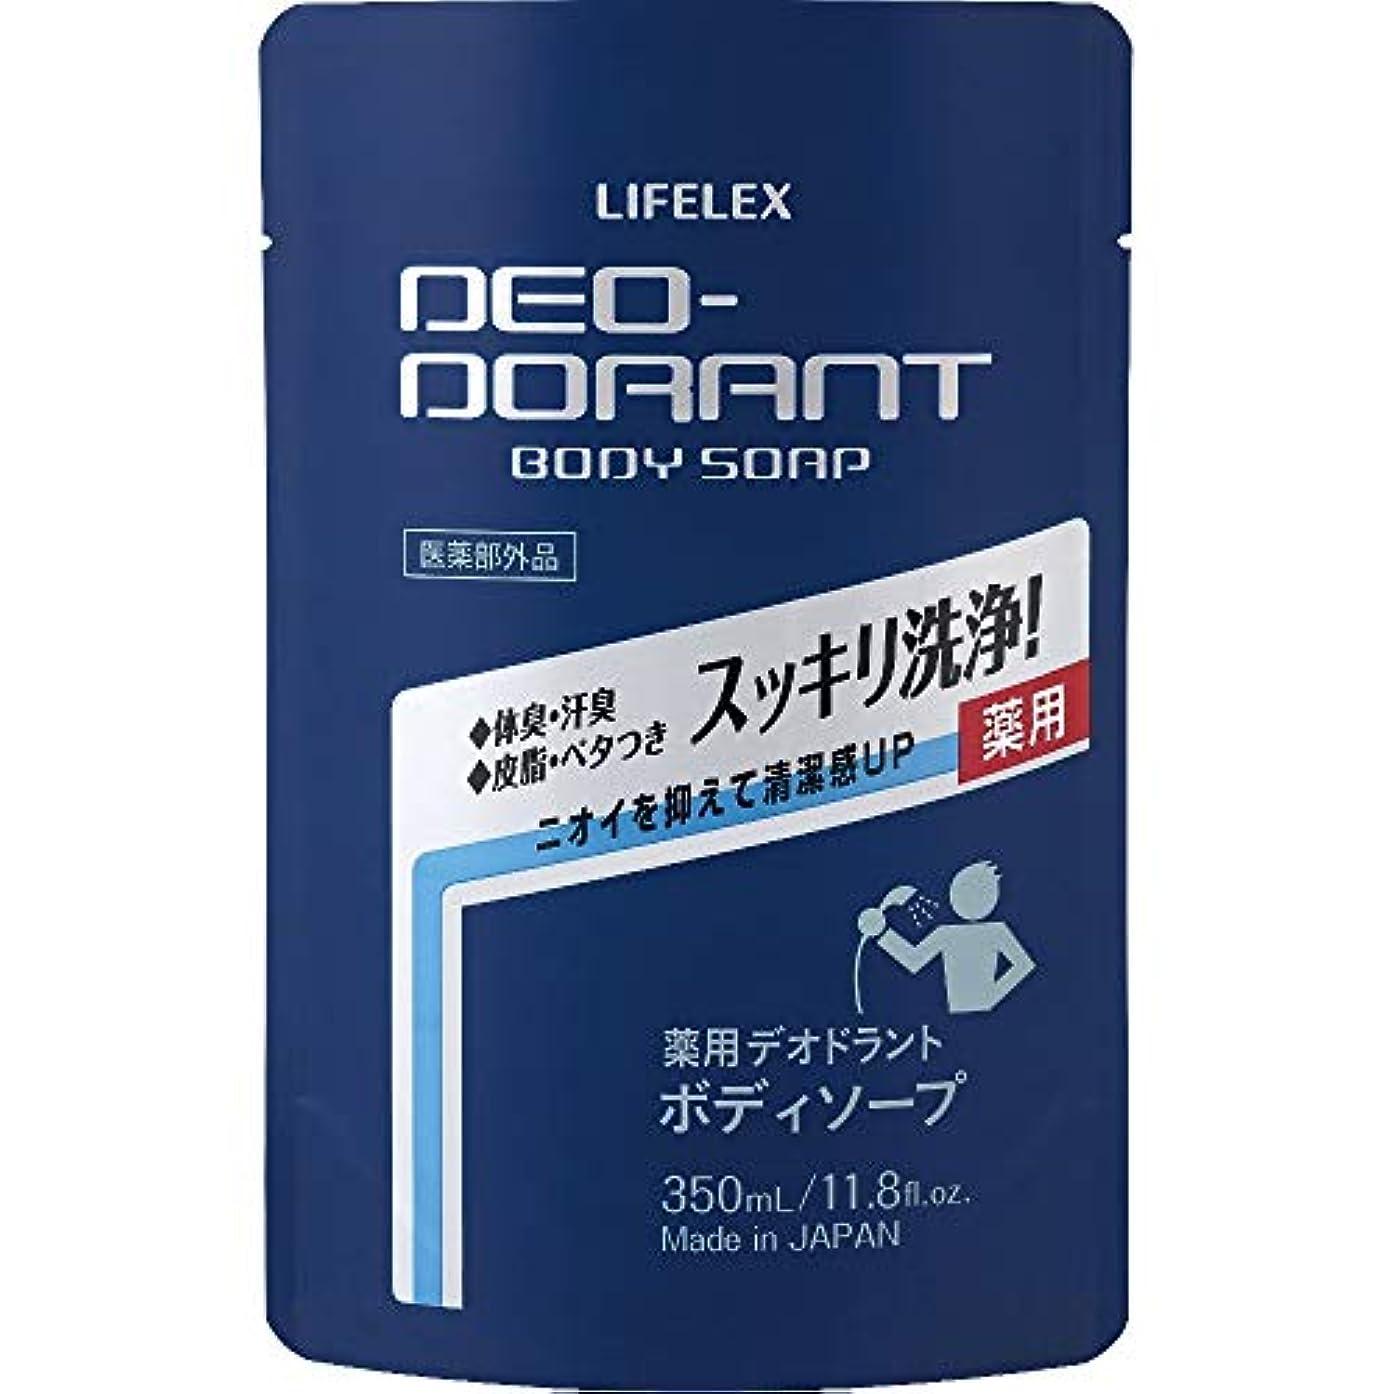 海上内訳わずかなコーナン オリジナル LIFELEX 薬用デオドラント ボディソープ詰替 350ml